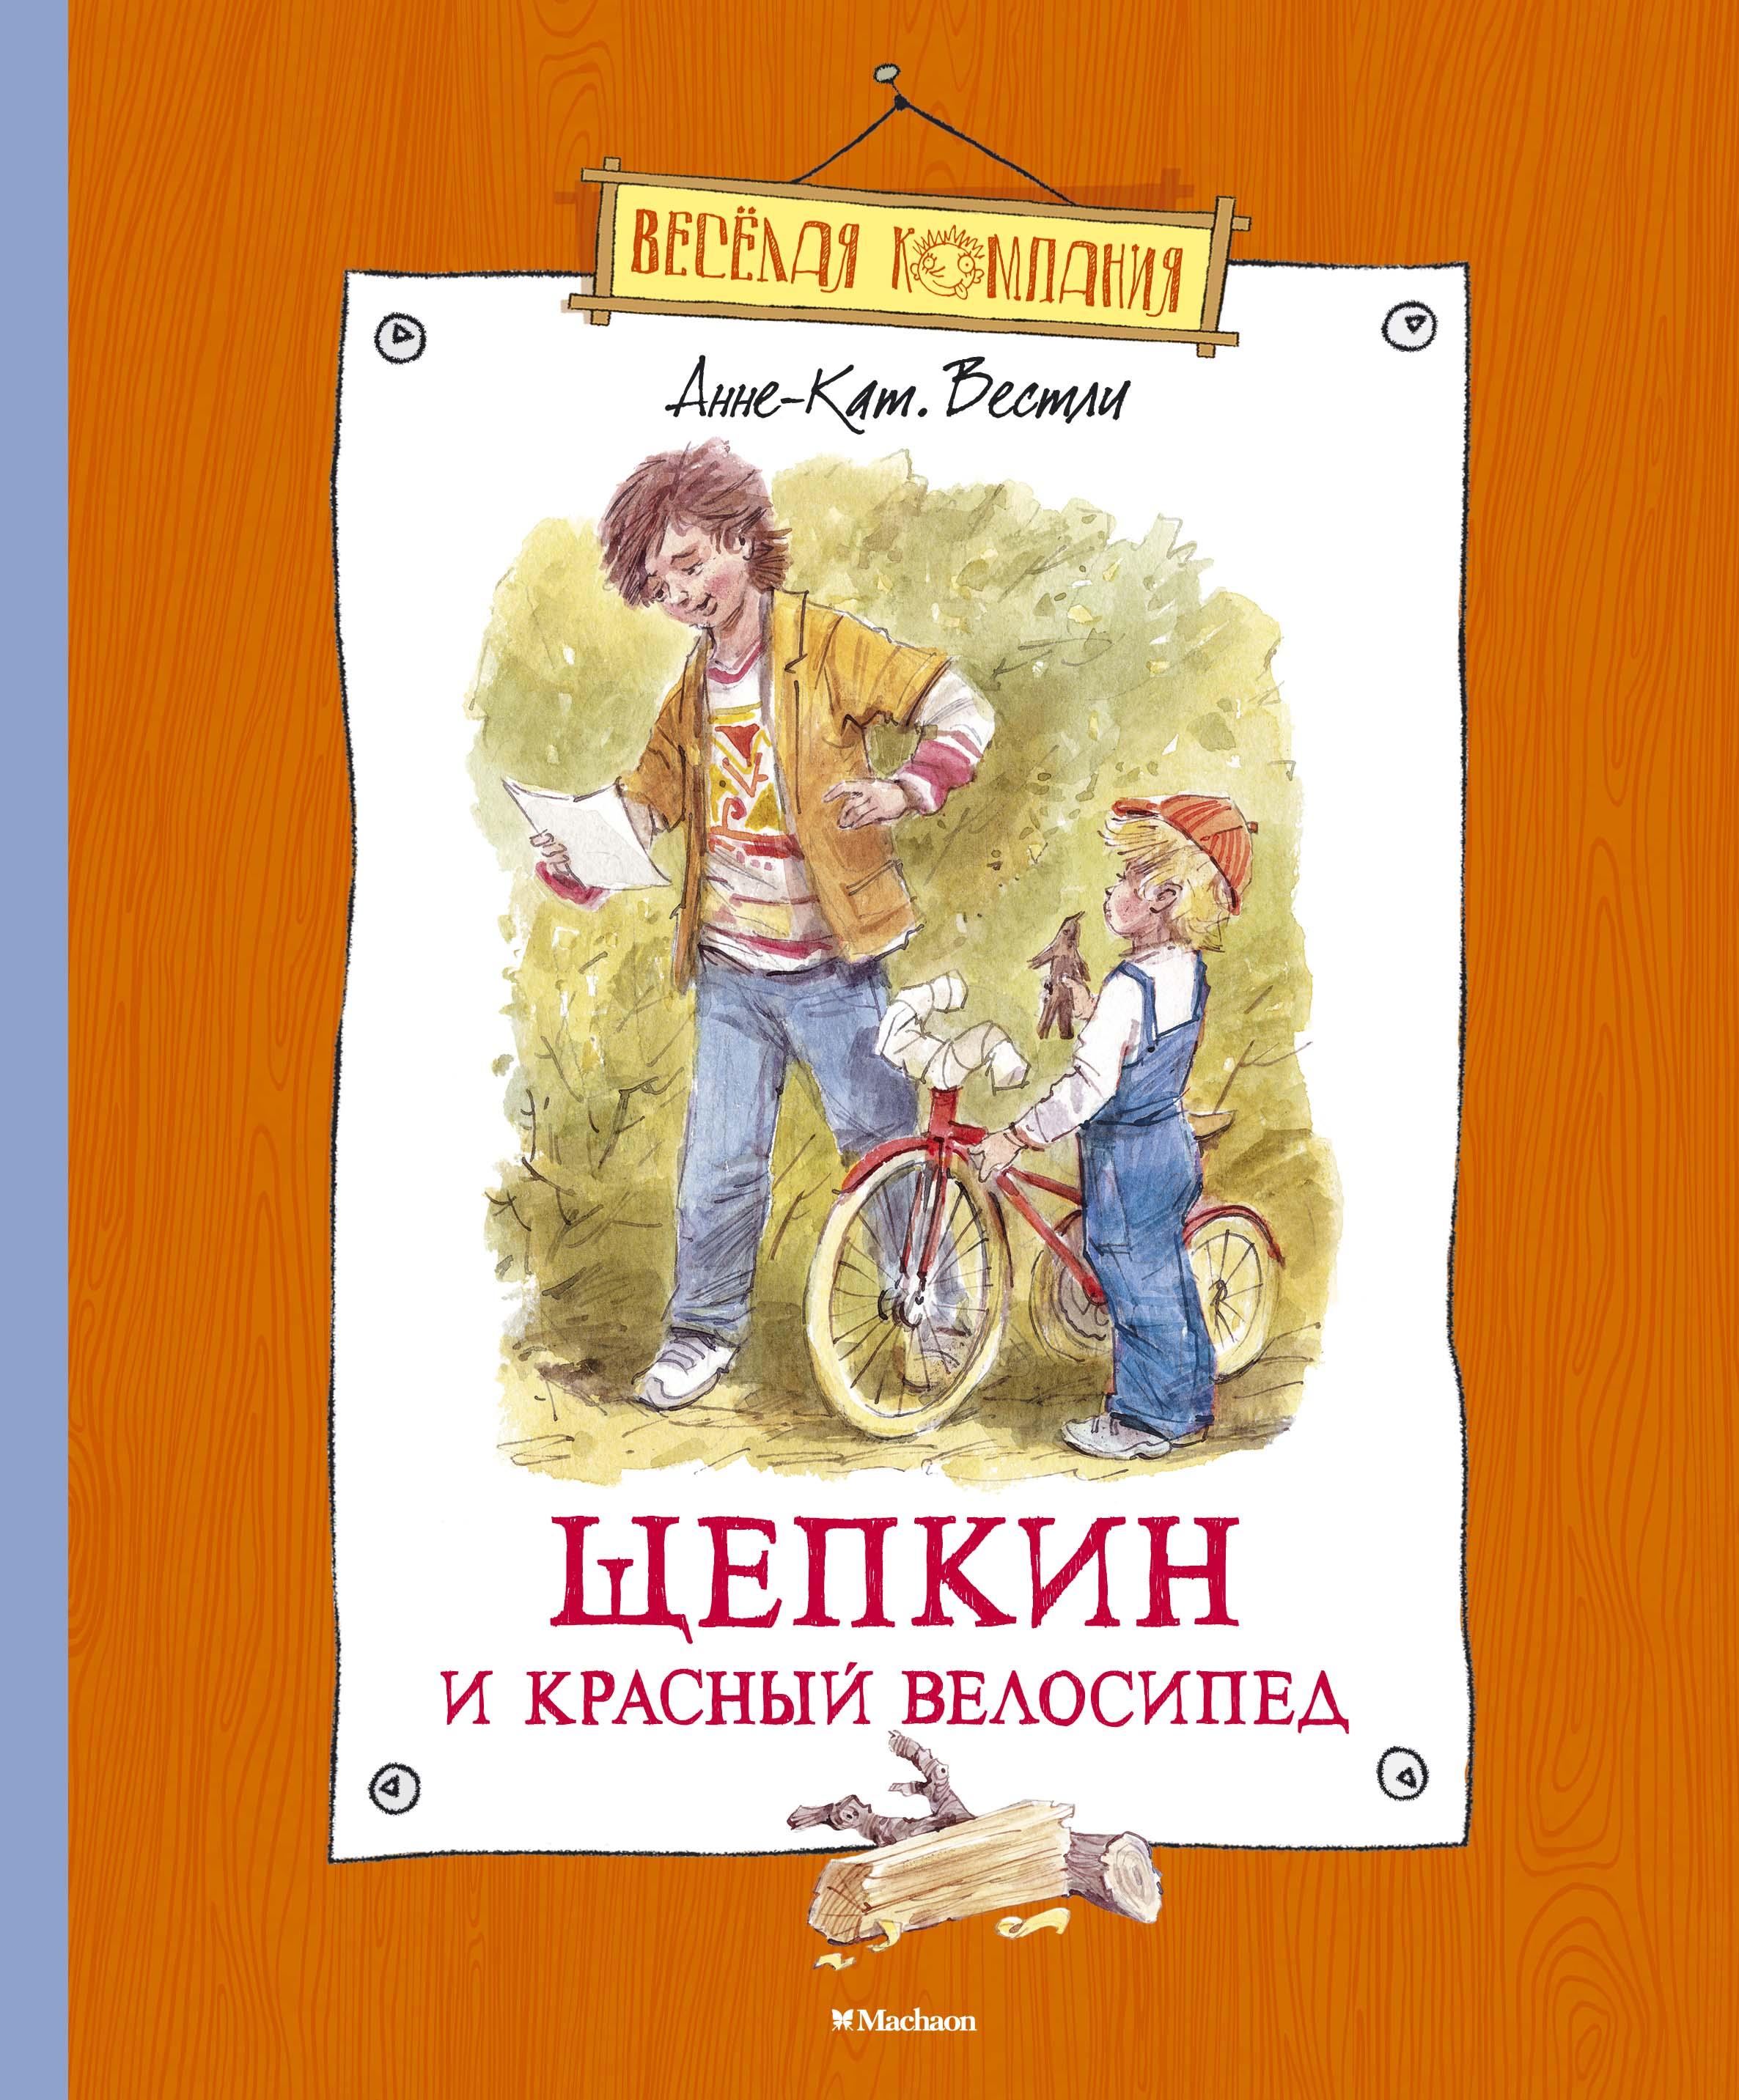 Фото Анне-Кат. Вестли Щепкин и красный велосипед. Купить  в РФ